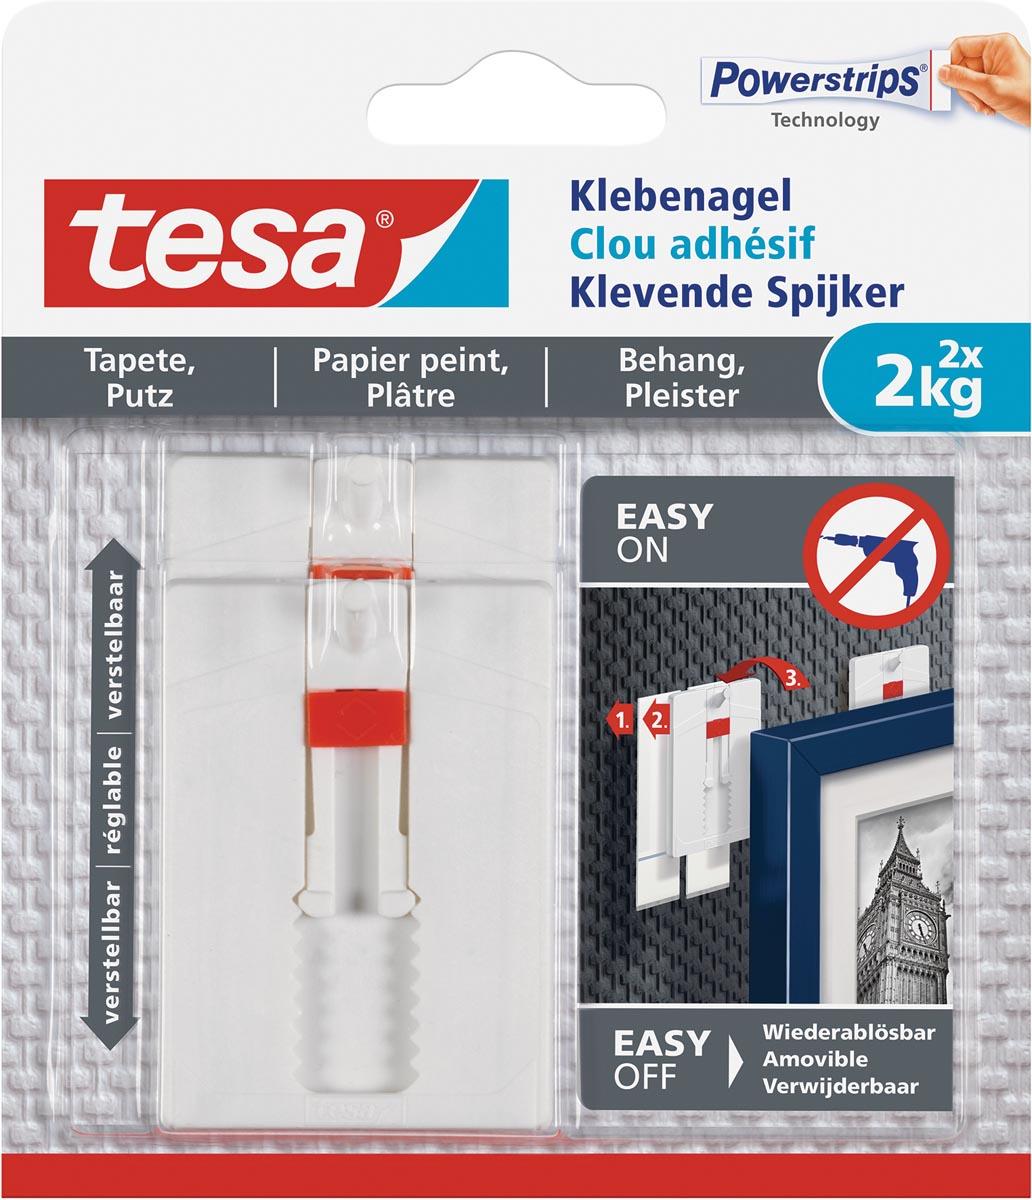 Tesa Klevende Spijker voor Behang en Pleisterwerk , verstelbaar, draagvermogen 2 kg, blister van 2 s